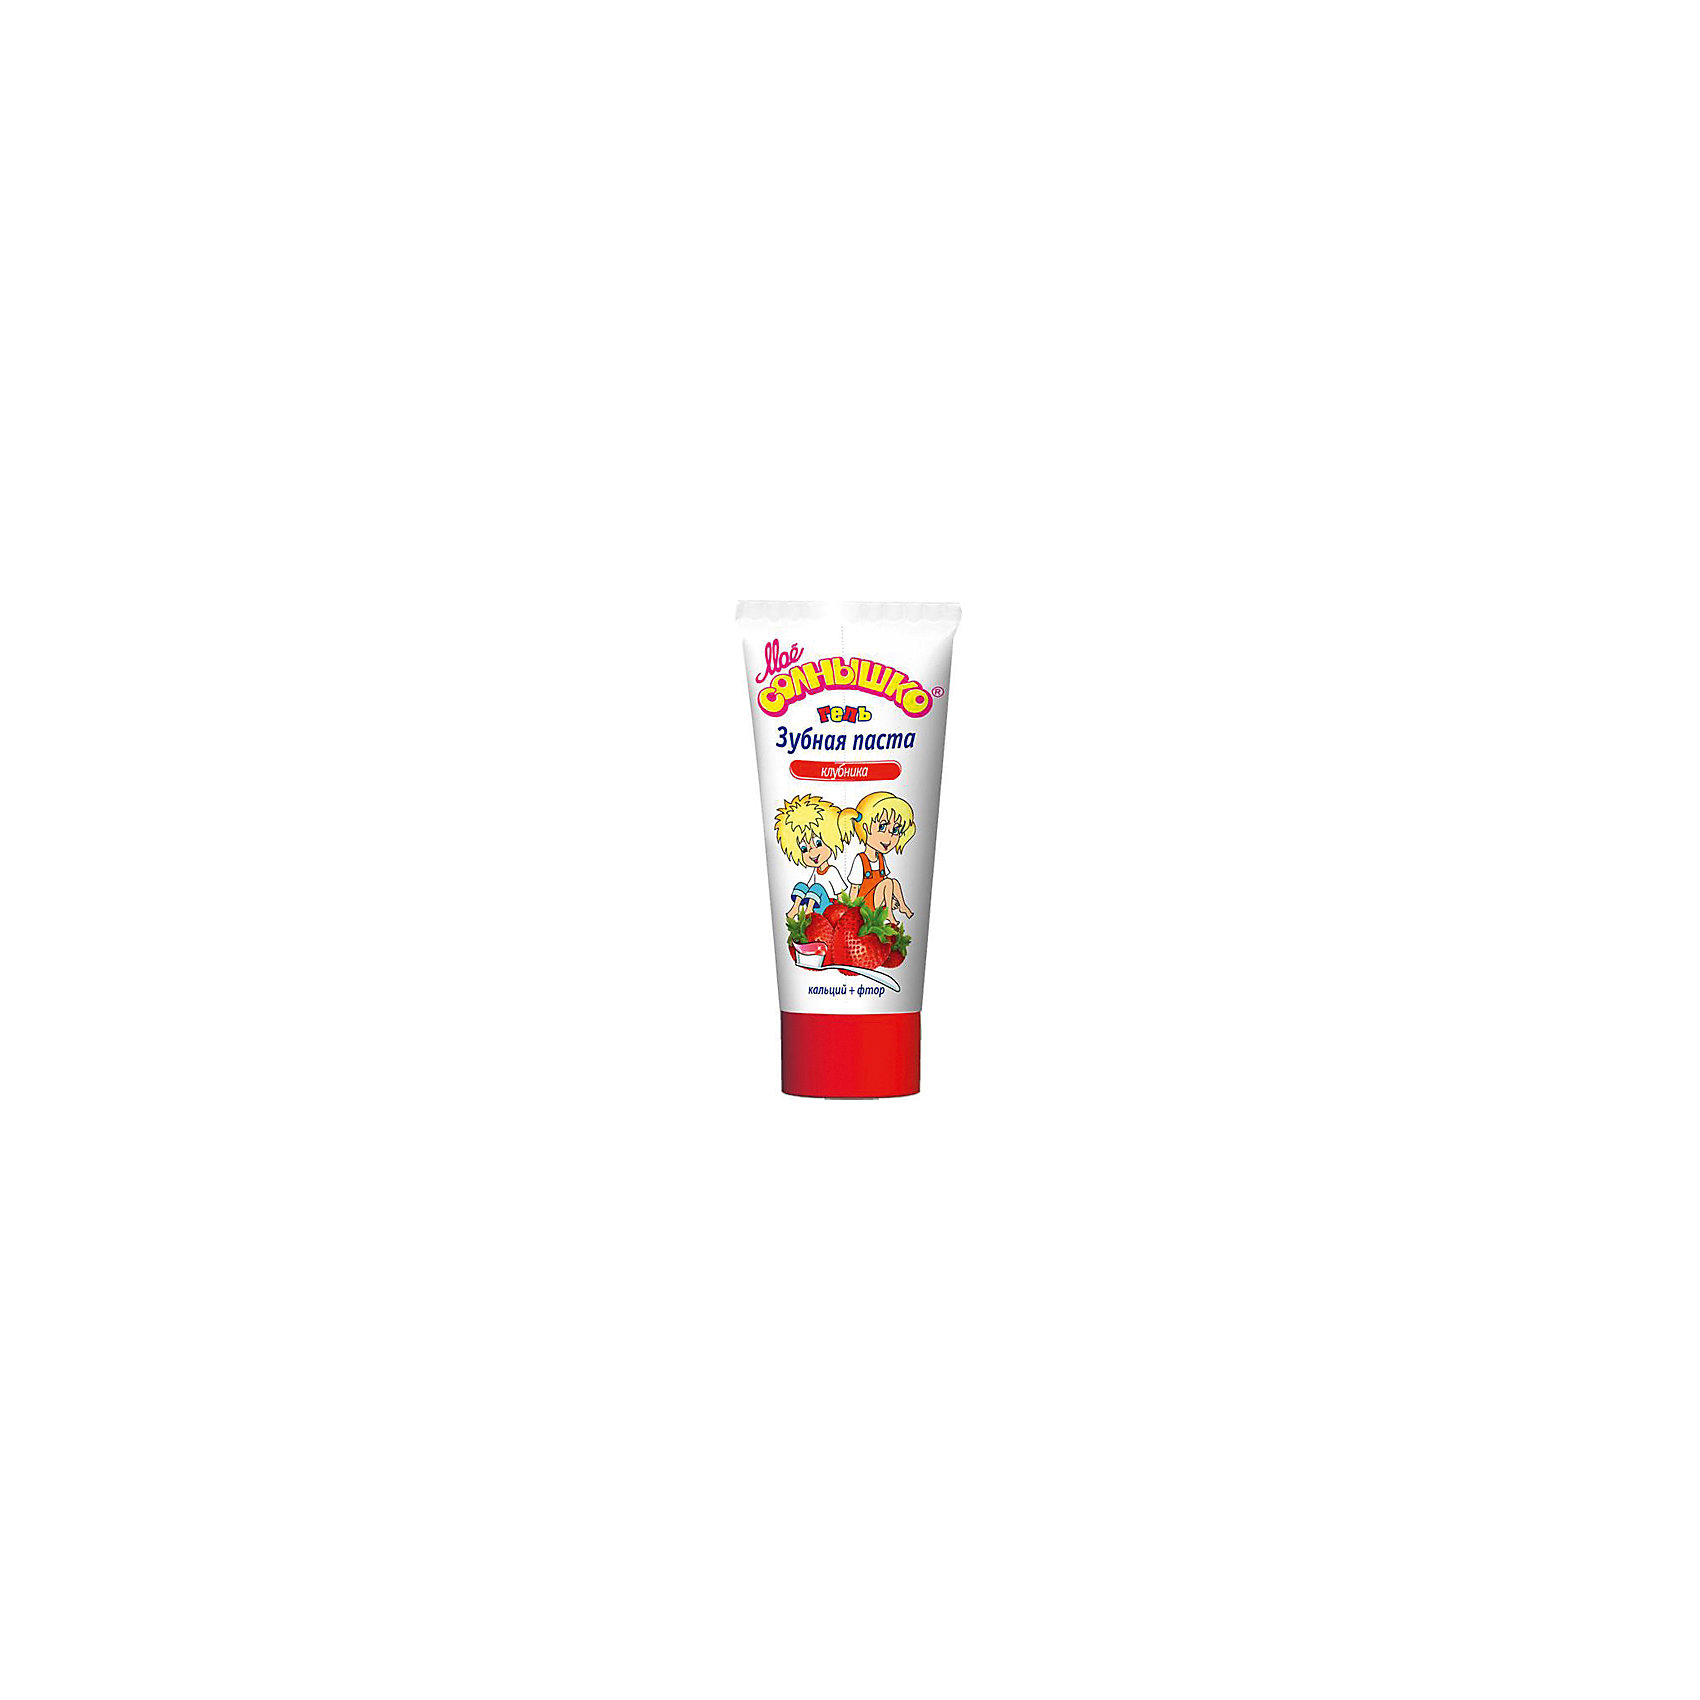 Зубная паста гелевая клубника, Моё солнышкоЗубные пасты<br>Гелевая зубная паста для ежедневного ухода за молочными и постоянными зубами. Рекомендована детям с 2 лет. Изготовлена из безопасных натуральных ингредиентов, входящий в состав комплекс кальция и фтора укрепляет зубную эмаль, обеспечивает ее восстановление и надежную защиту от кариеса. Не содержит сахар.<br><br>Ширина мм: 55<br>Глубина мм: 33<br>Высота мм: 120<br>Вес г: 80<br>Возраст от месяцев: 24<br>Возраст до месяцев: 60<br>Пол: Унисекс<br>Возраст: Детский<br>SKU: 4124449